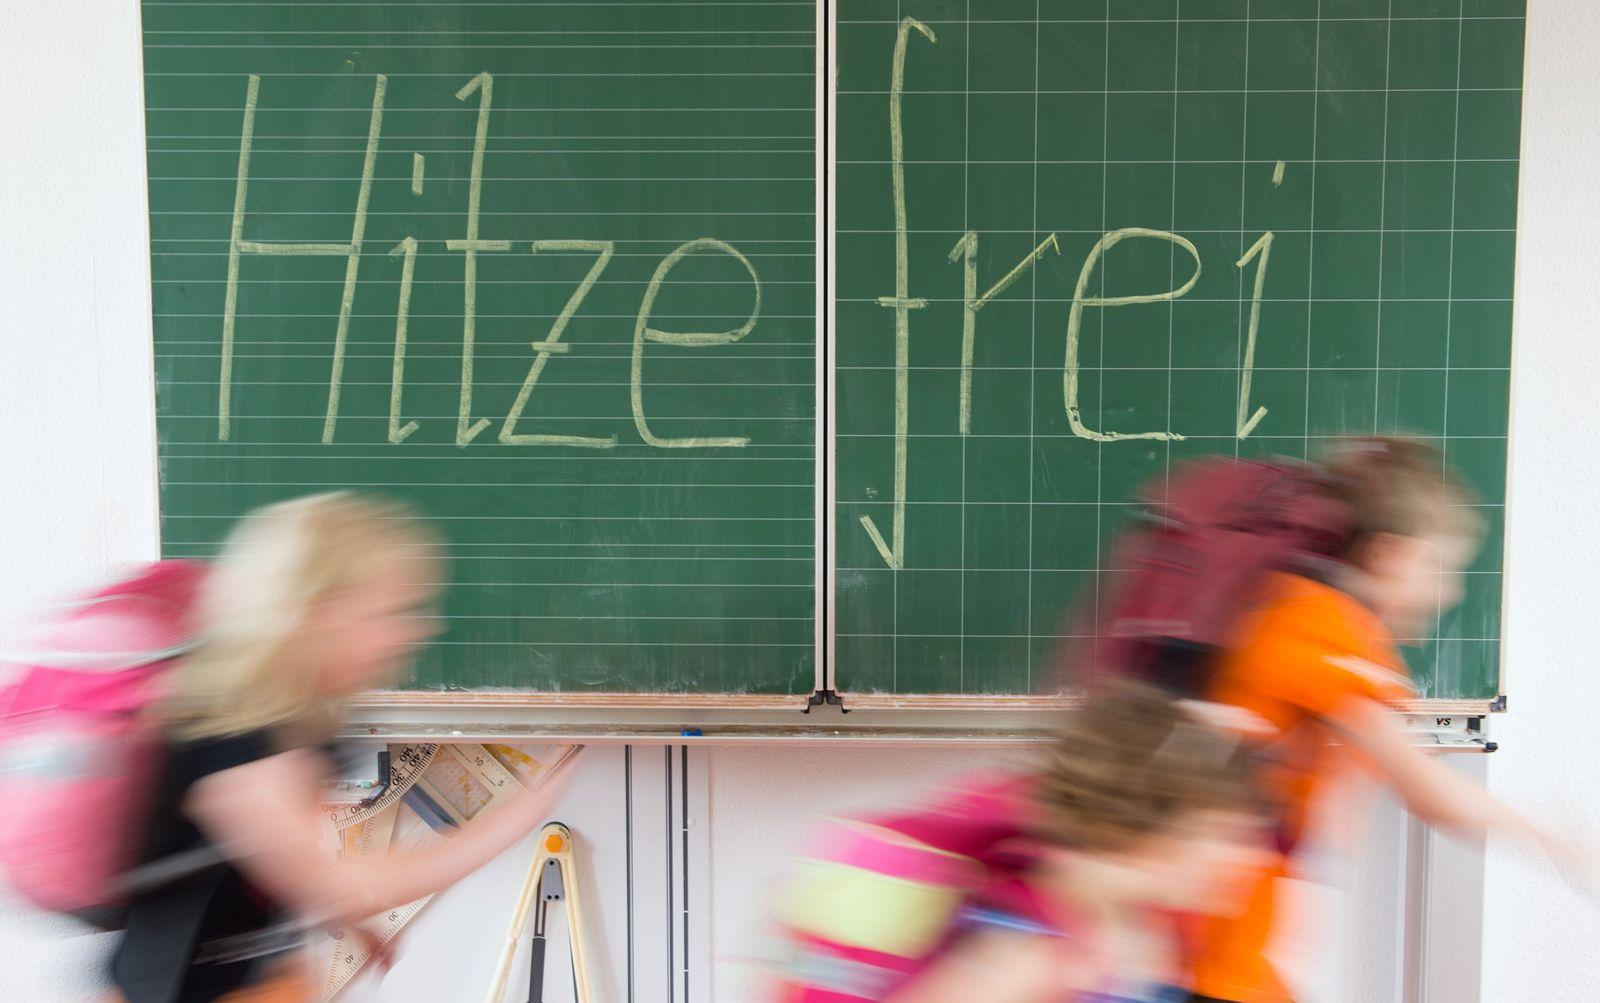 Hitzefrei an NRW-Schulen - der Direktor entscheidet